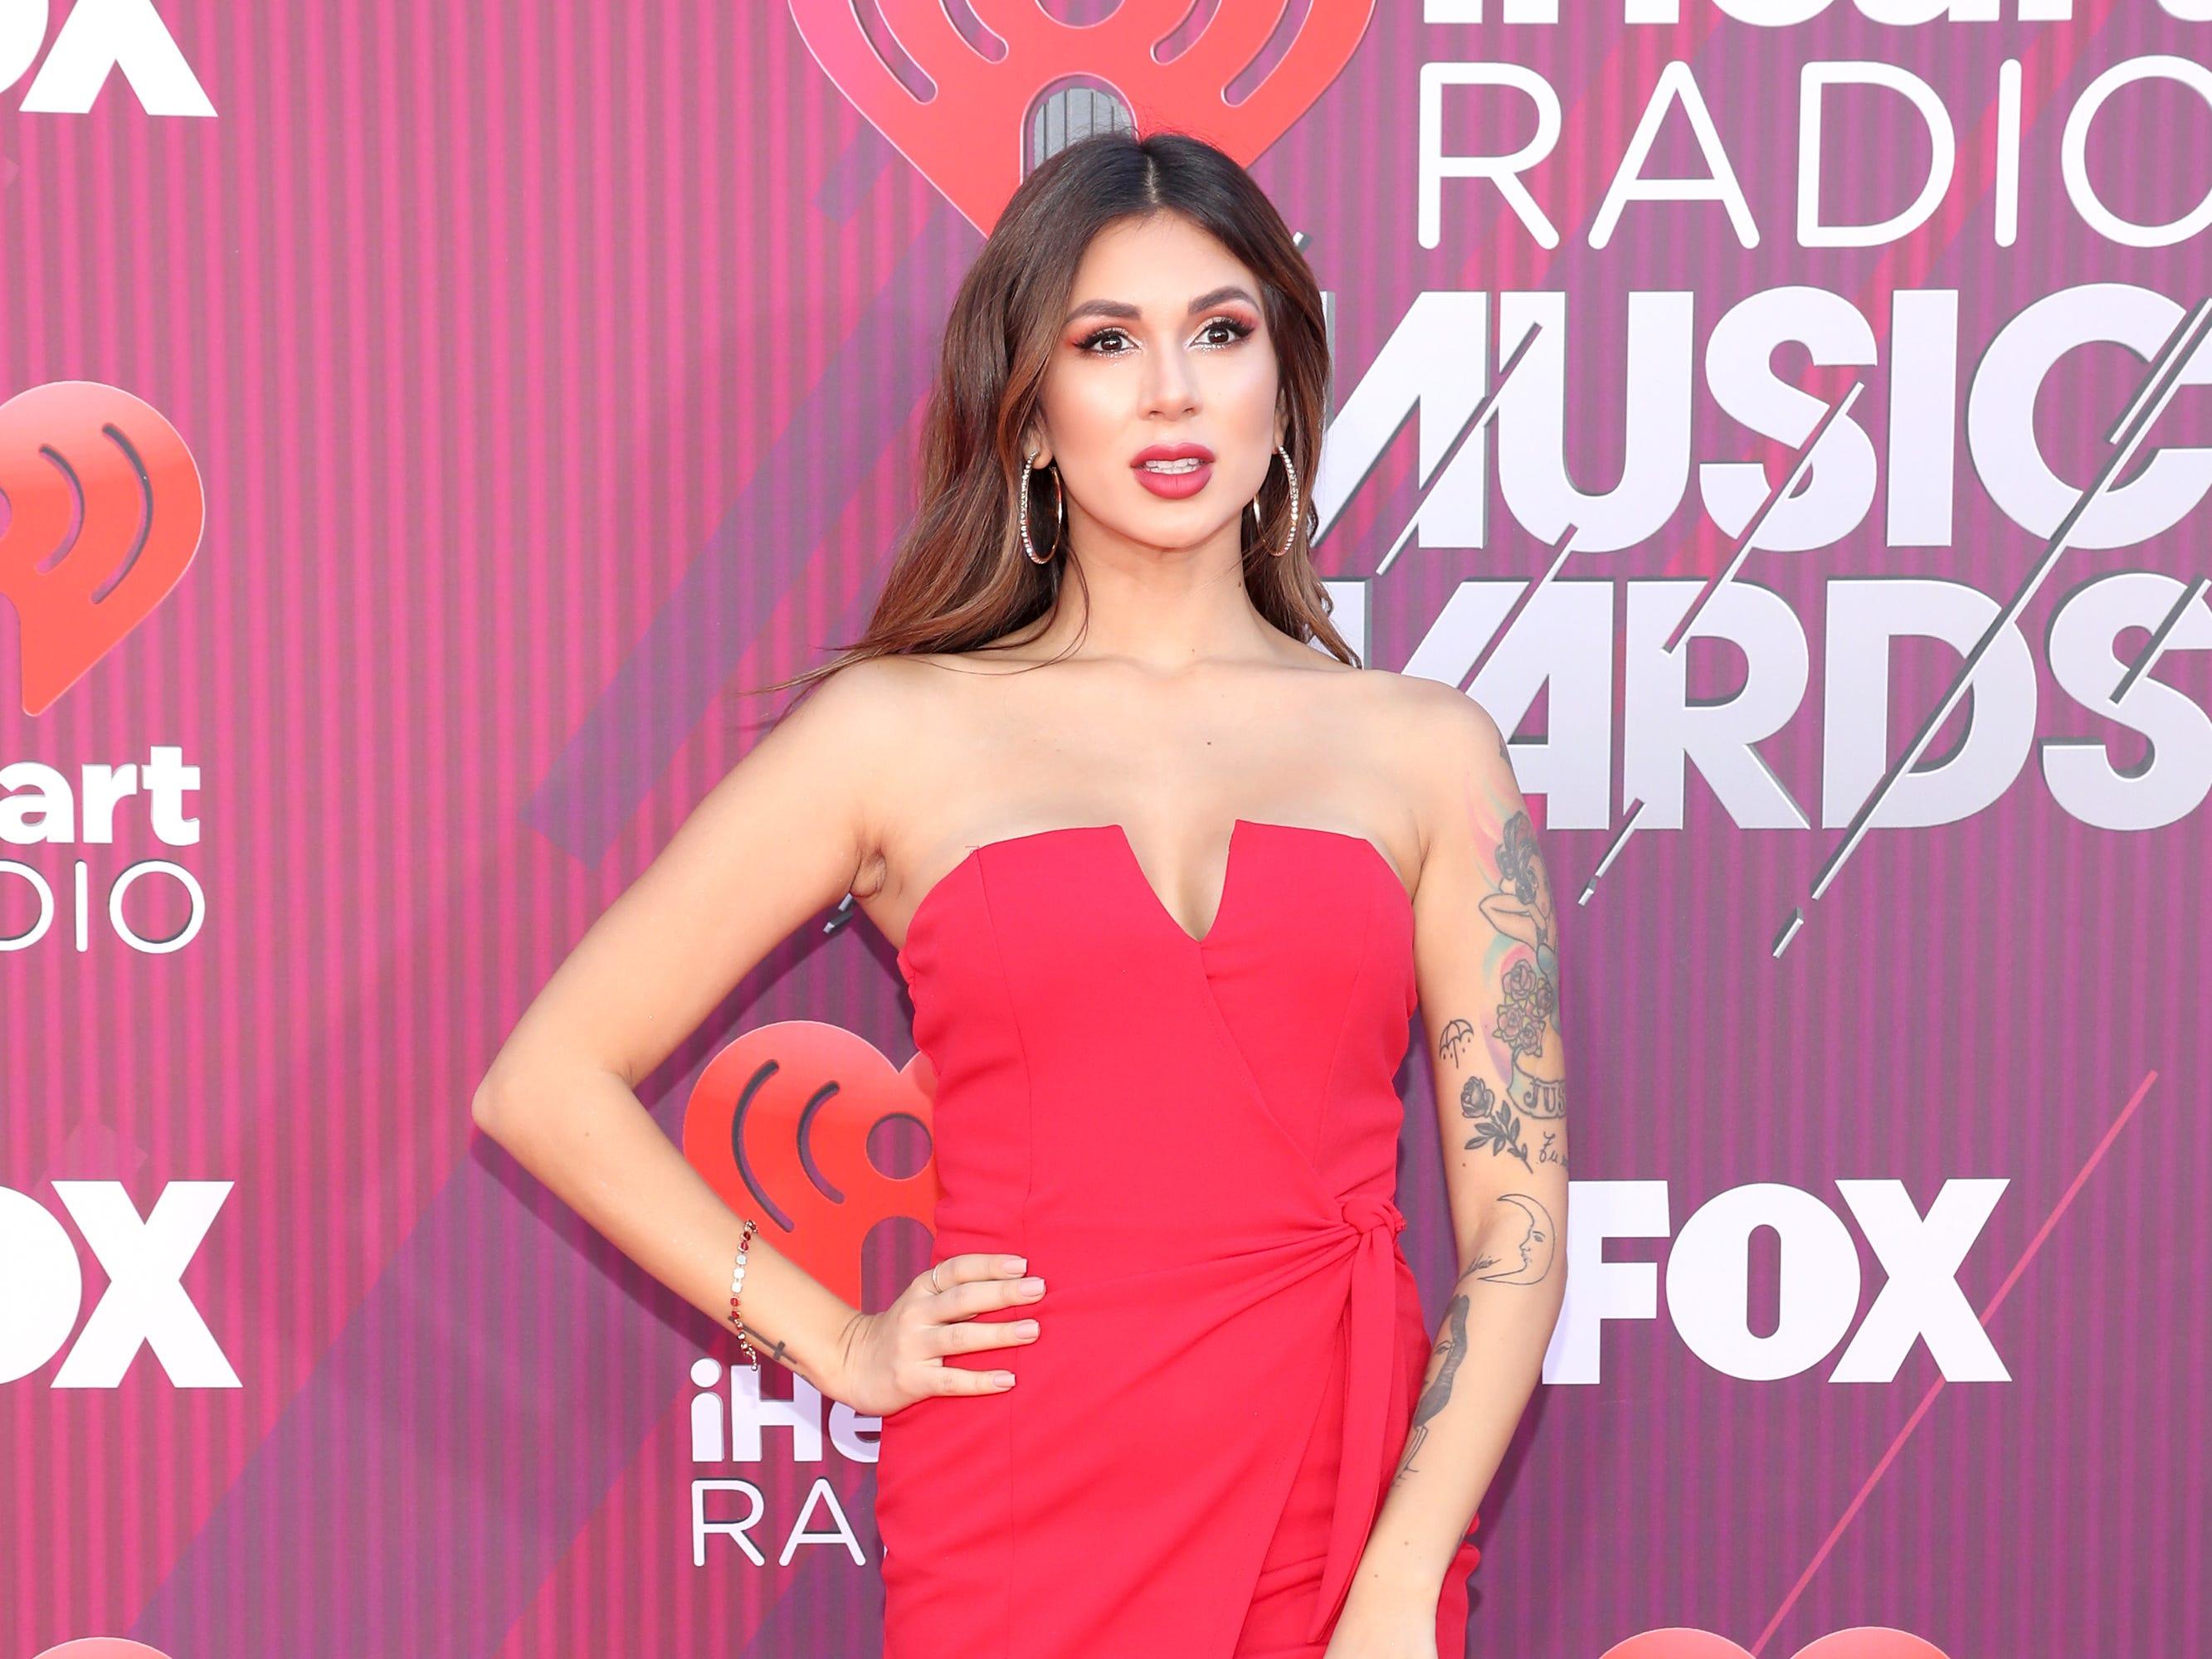 Valeria Sibaja a su llegada a los premios iHeart Radio Music Awards en 2019 el 14 de marzo de 2019 en Los Angeles, California.